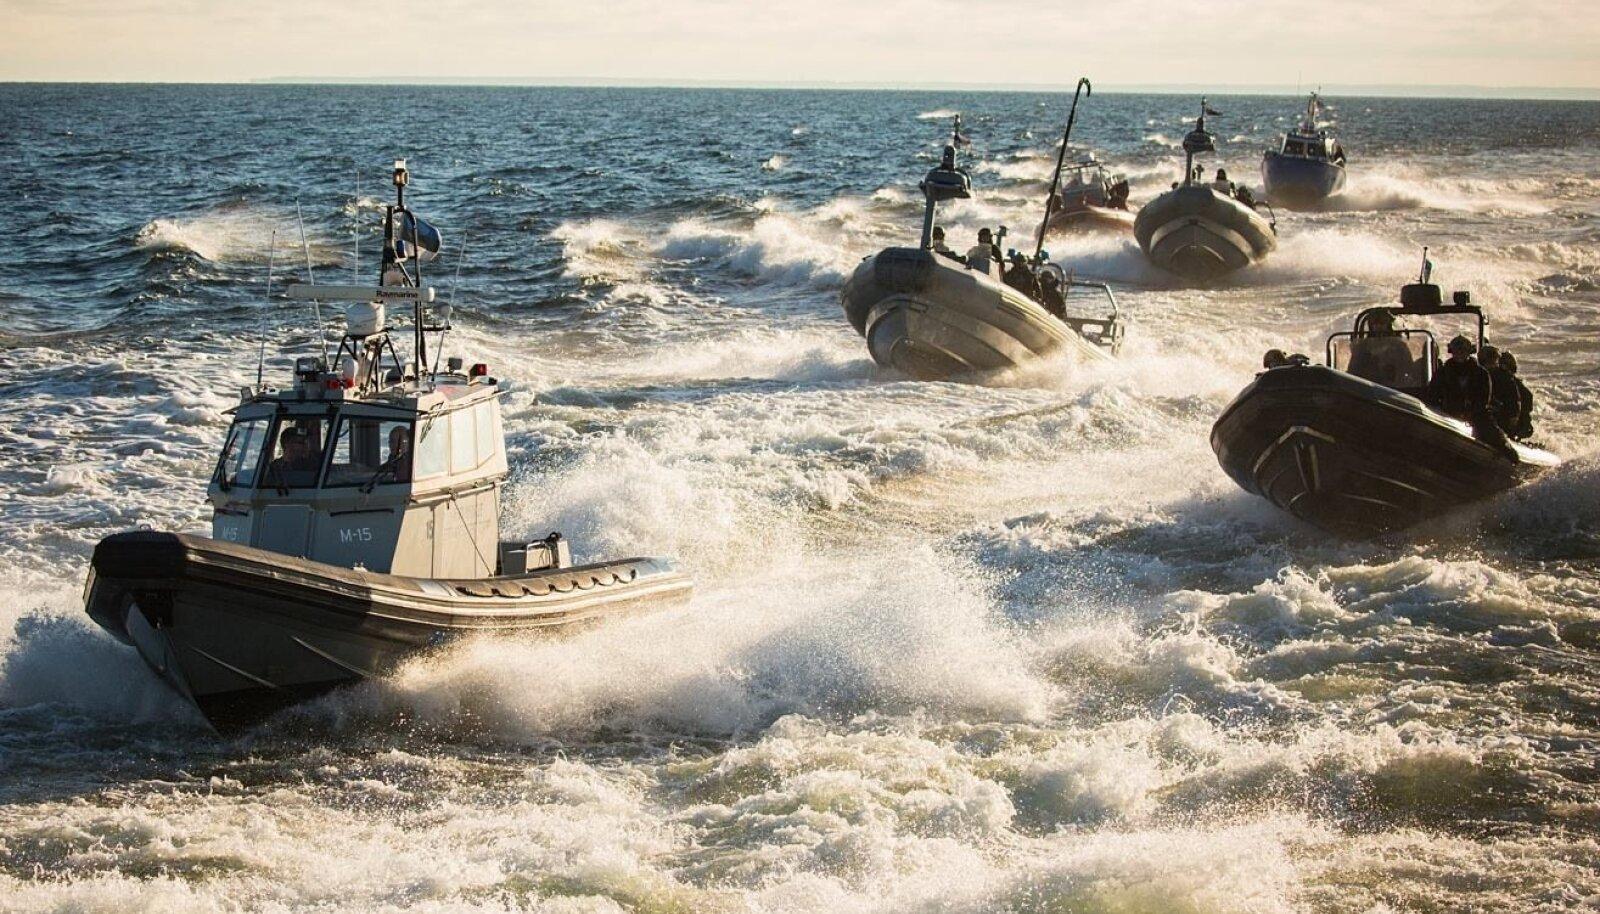 Eesti ja Soome eriüksused harjutasid 2016. aastal Tallinna-Helsingi liinilaeval puhkenud massikakluse lahendamist. Pilt on illustratiivne.